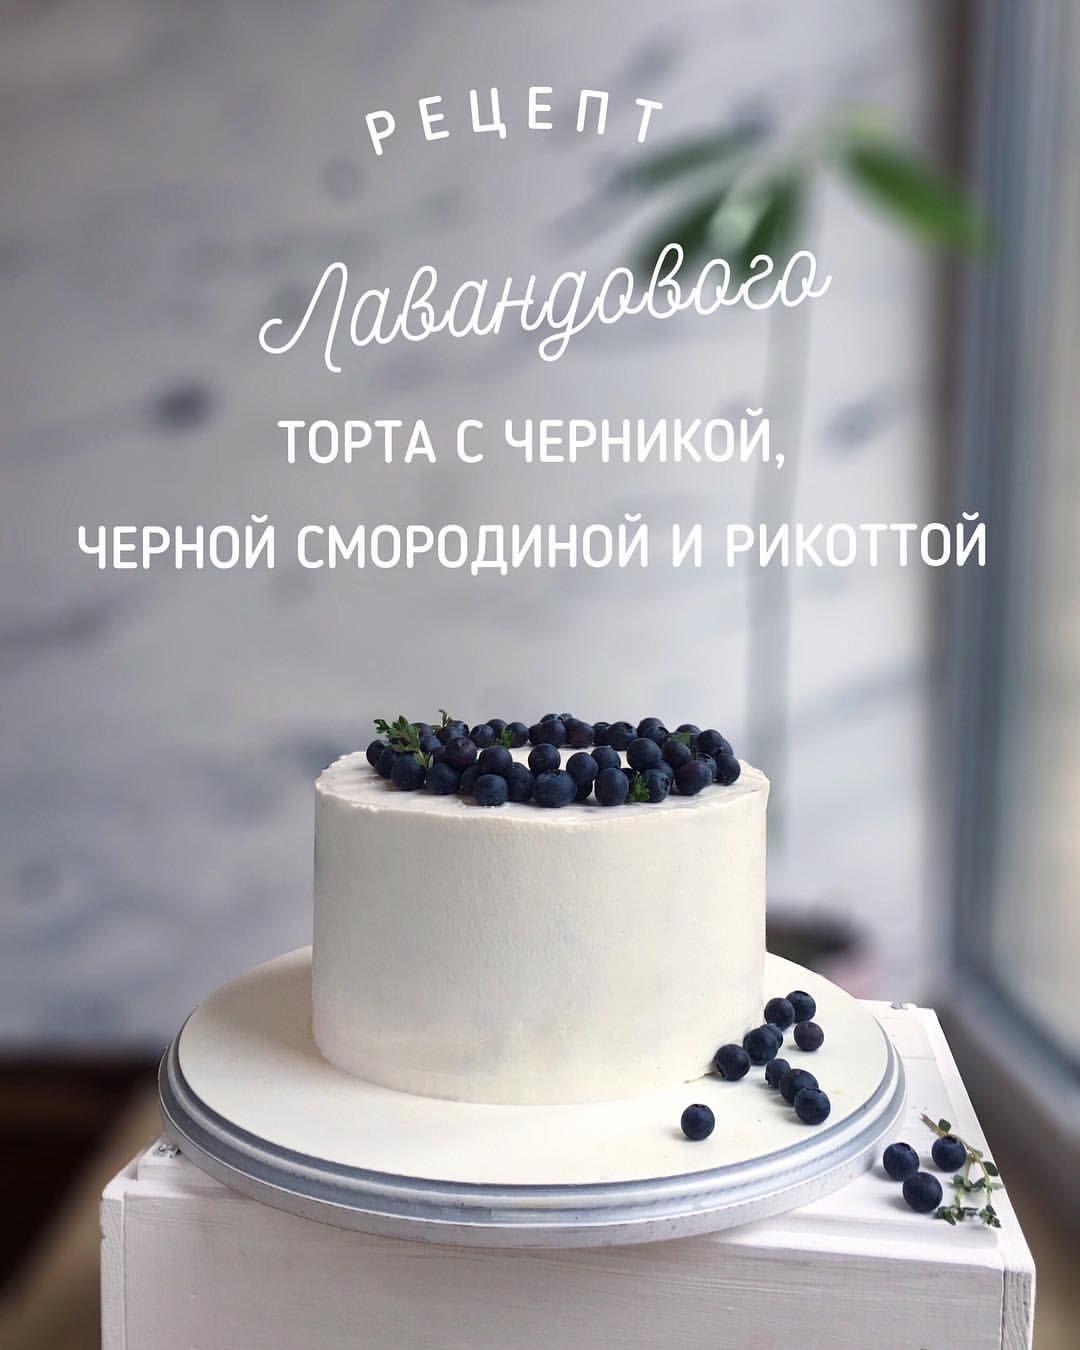 Alexmilana